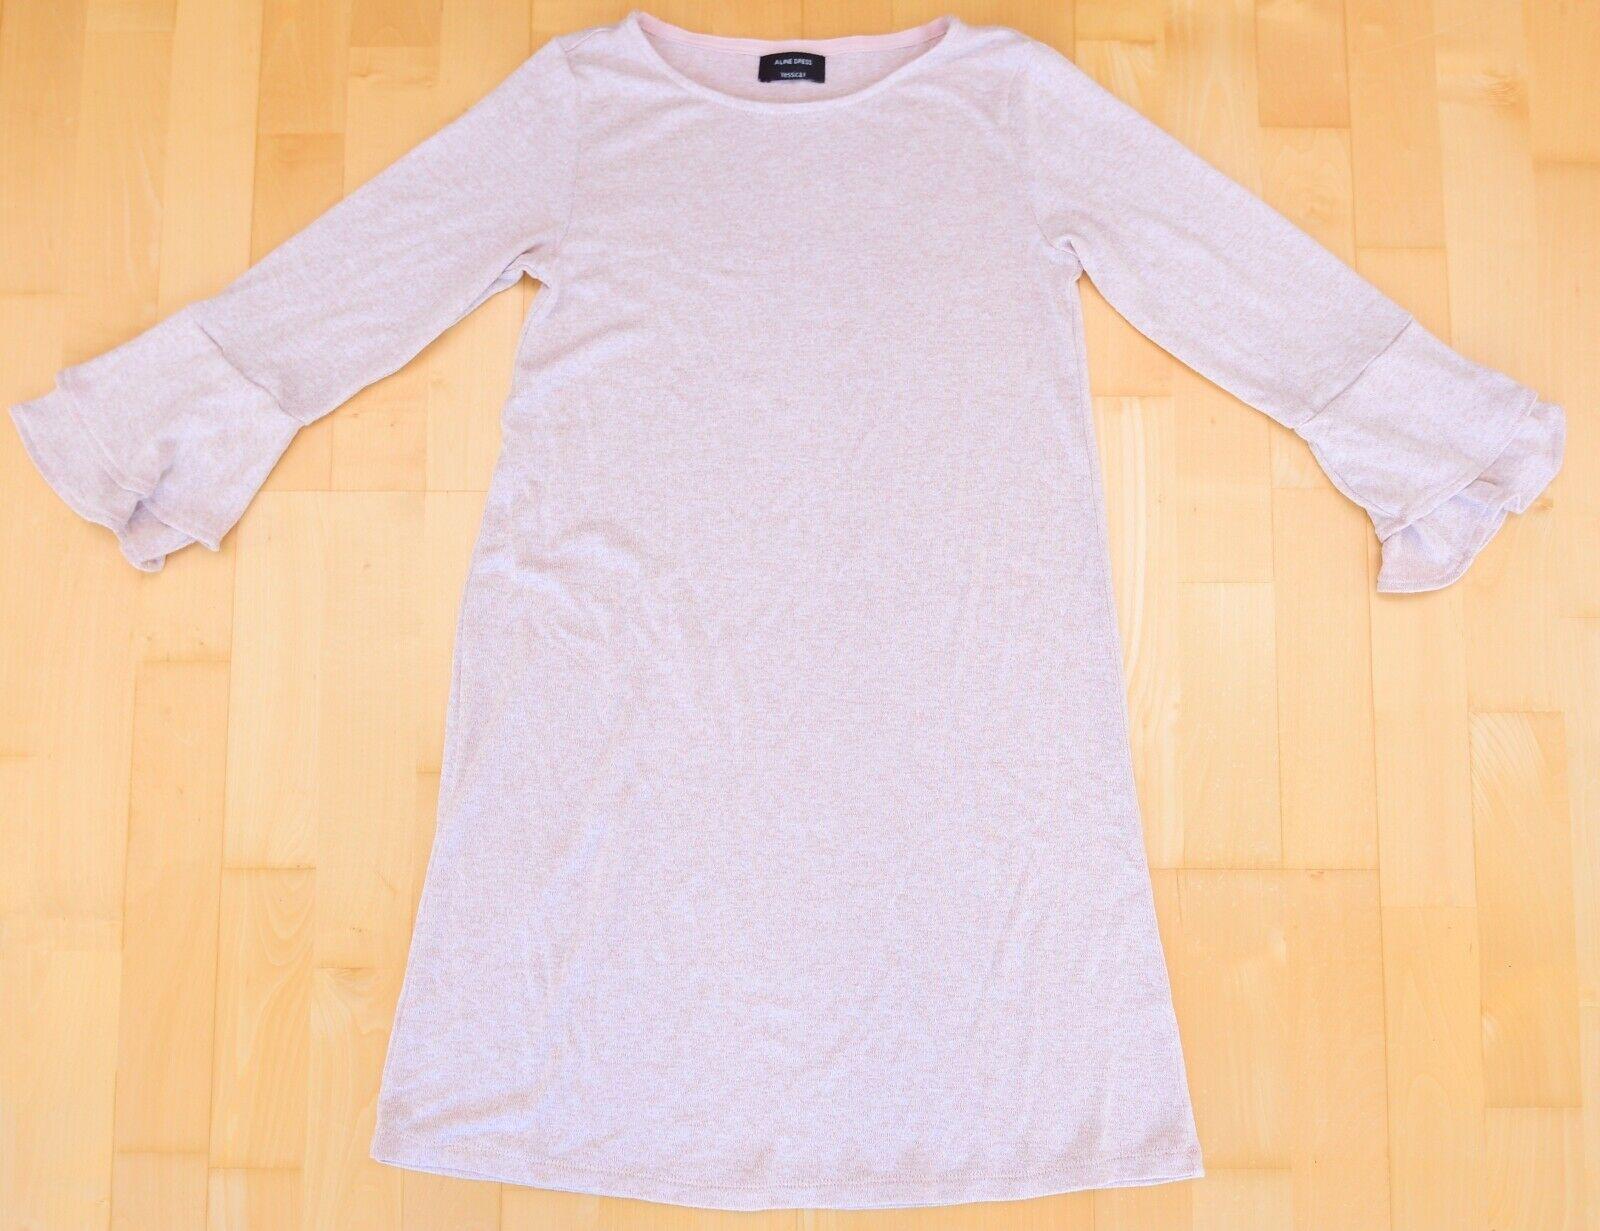 20 Genial Yessica Abendkleid Vertrieb Einzigartig Yessica Abendkleid Vertrieb